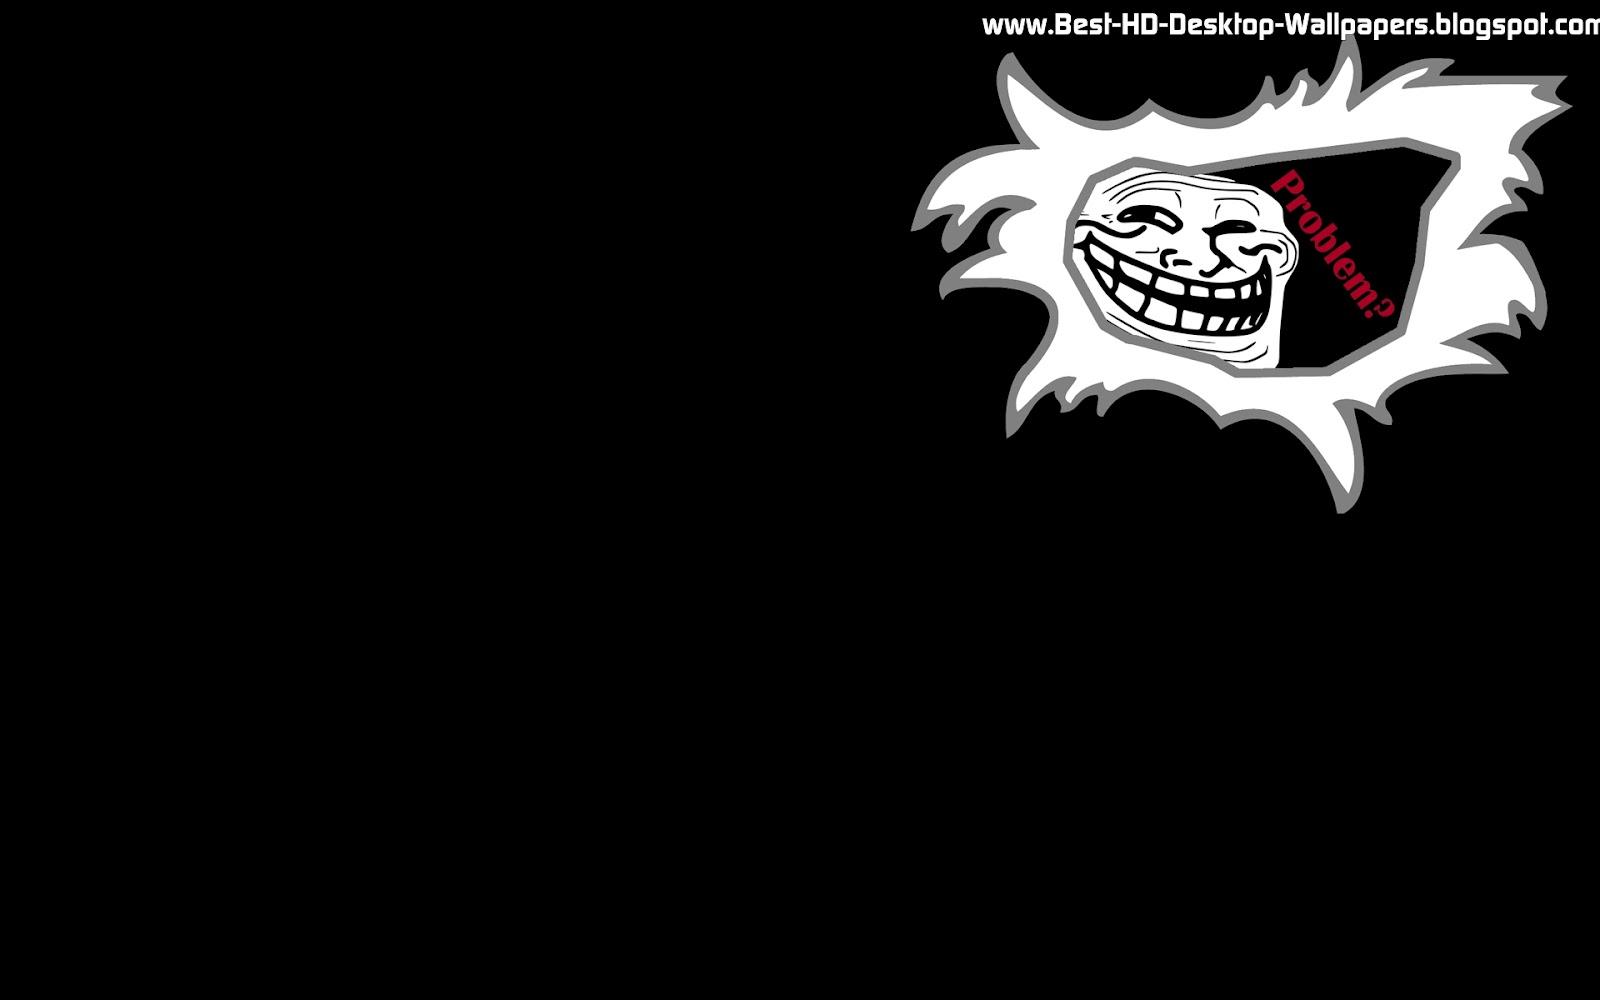 Troll Face Meme Wallpapers Best Hd Desktop Wallpapers